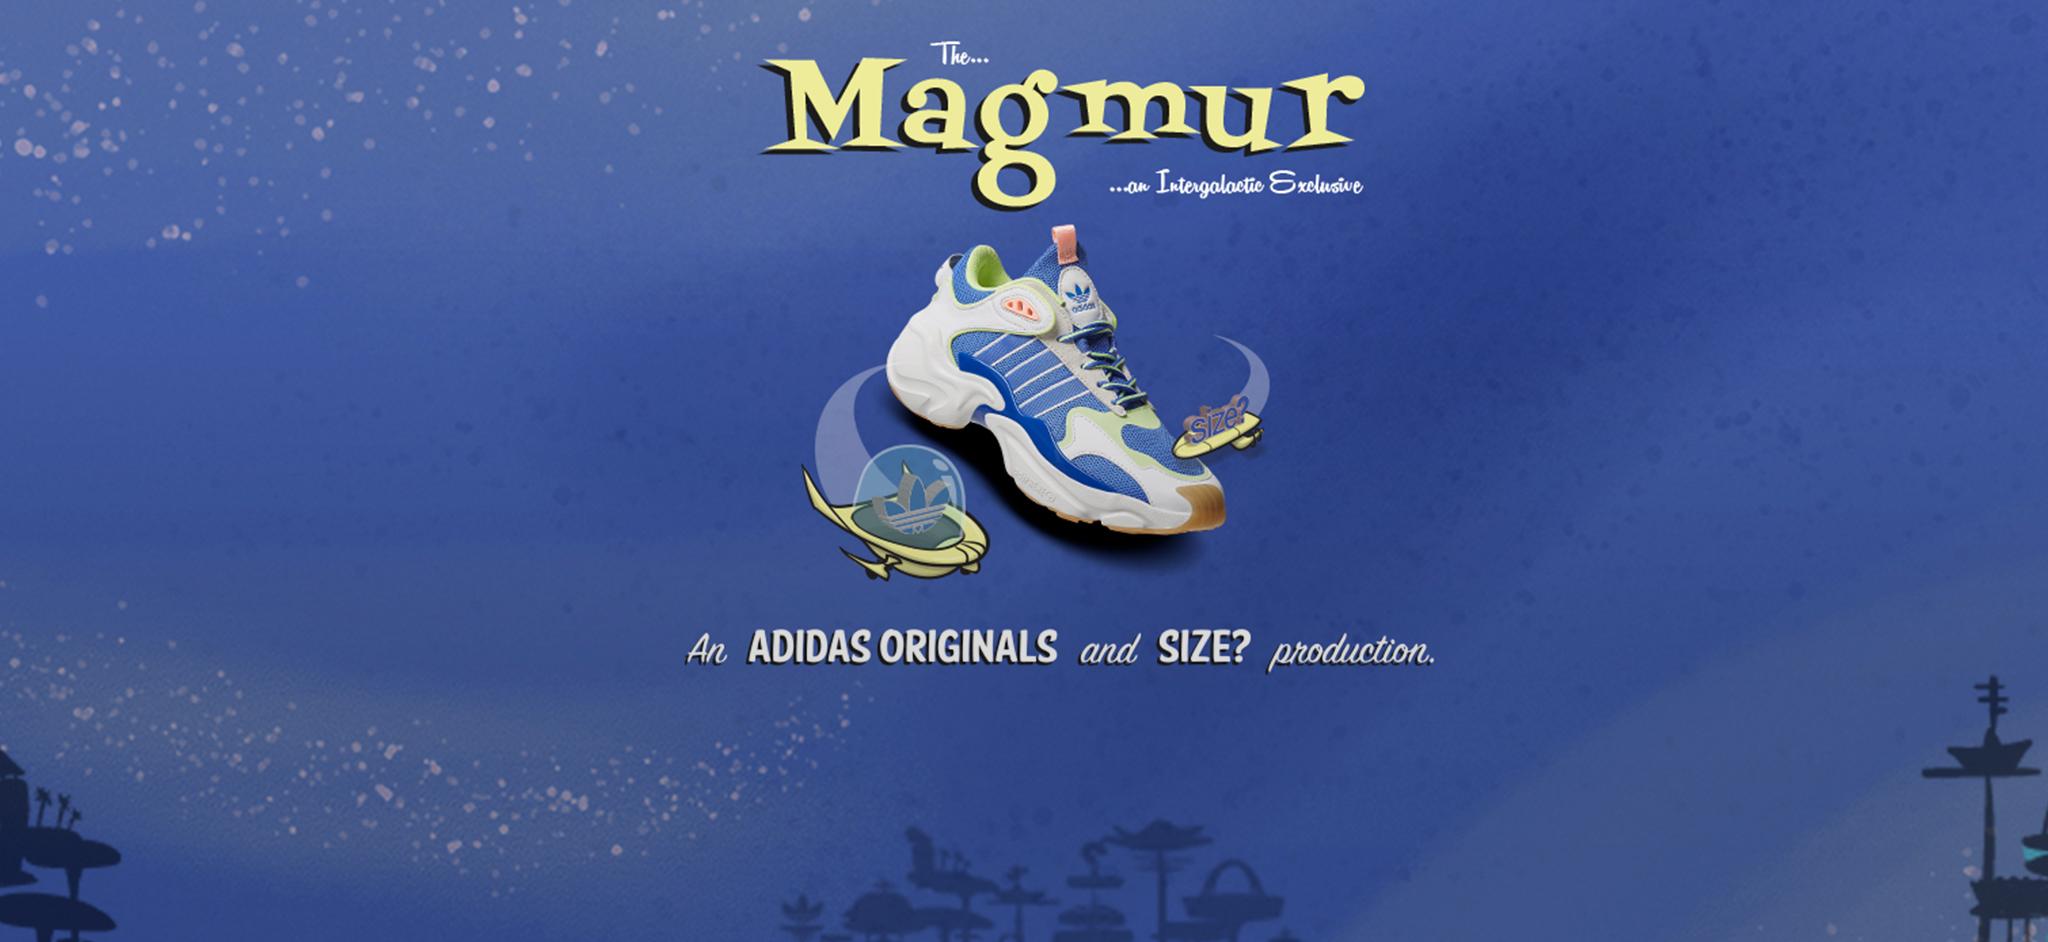 adidas Originals Magmur 'Venus' - size?exclusive